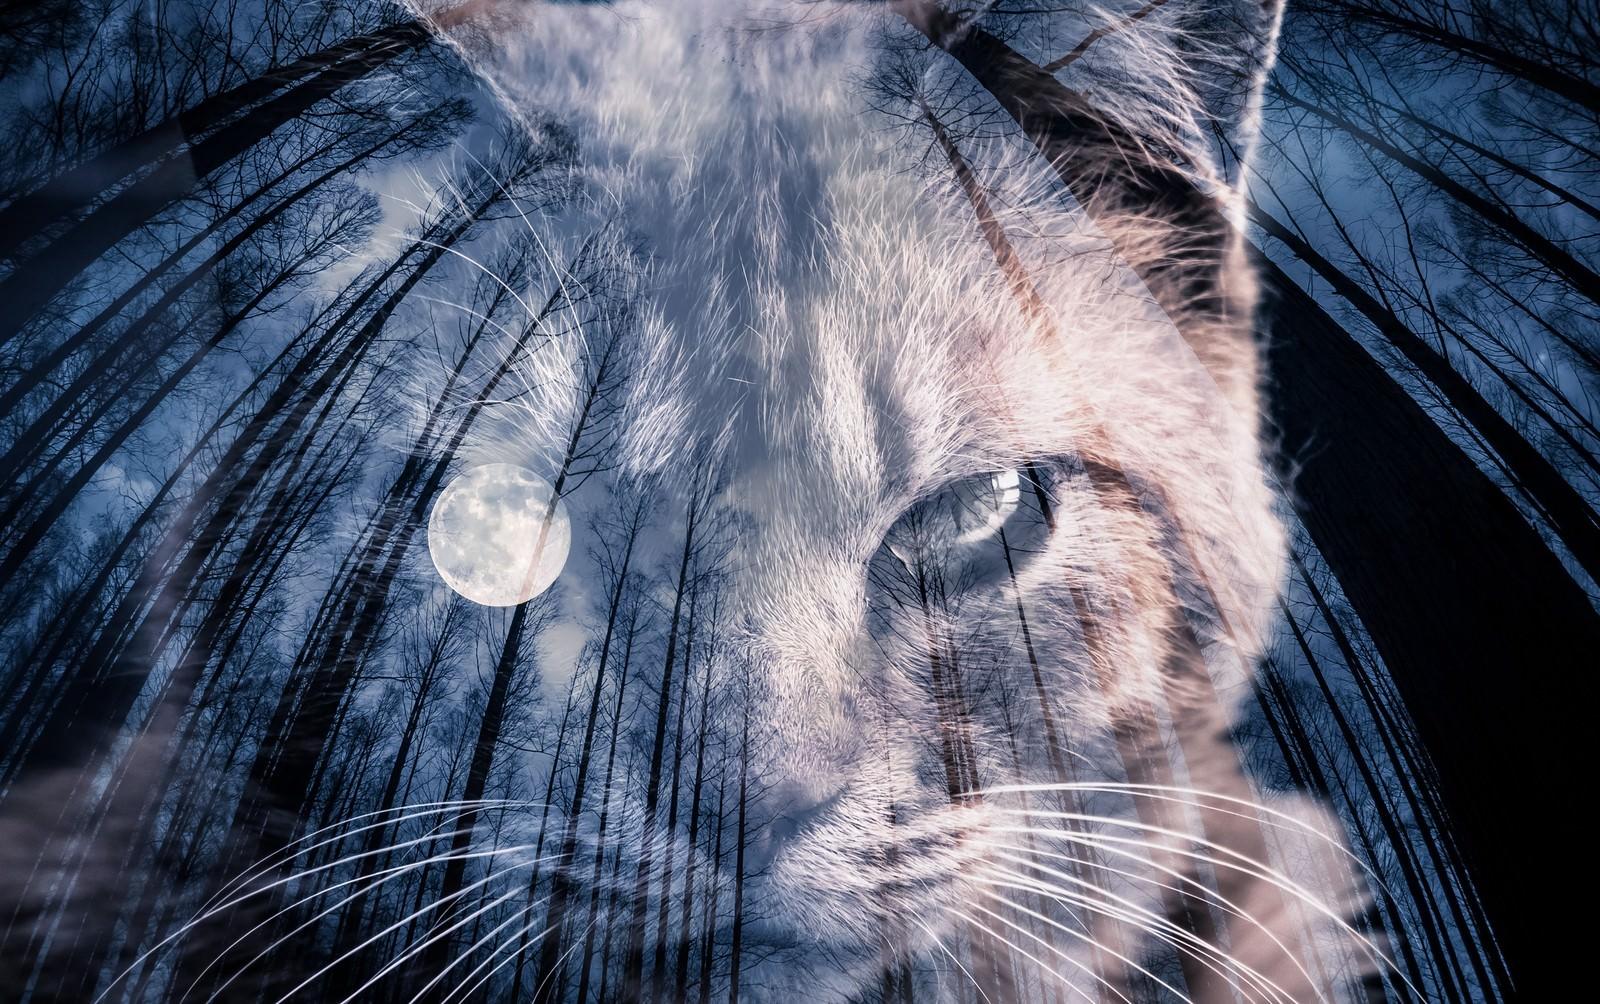 「満月と猫(フォトモンタージュ)」の写真